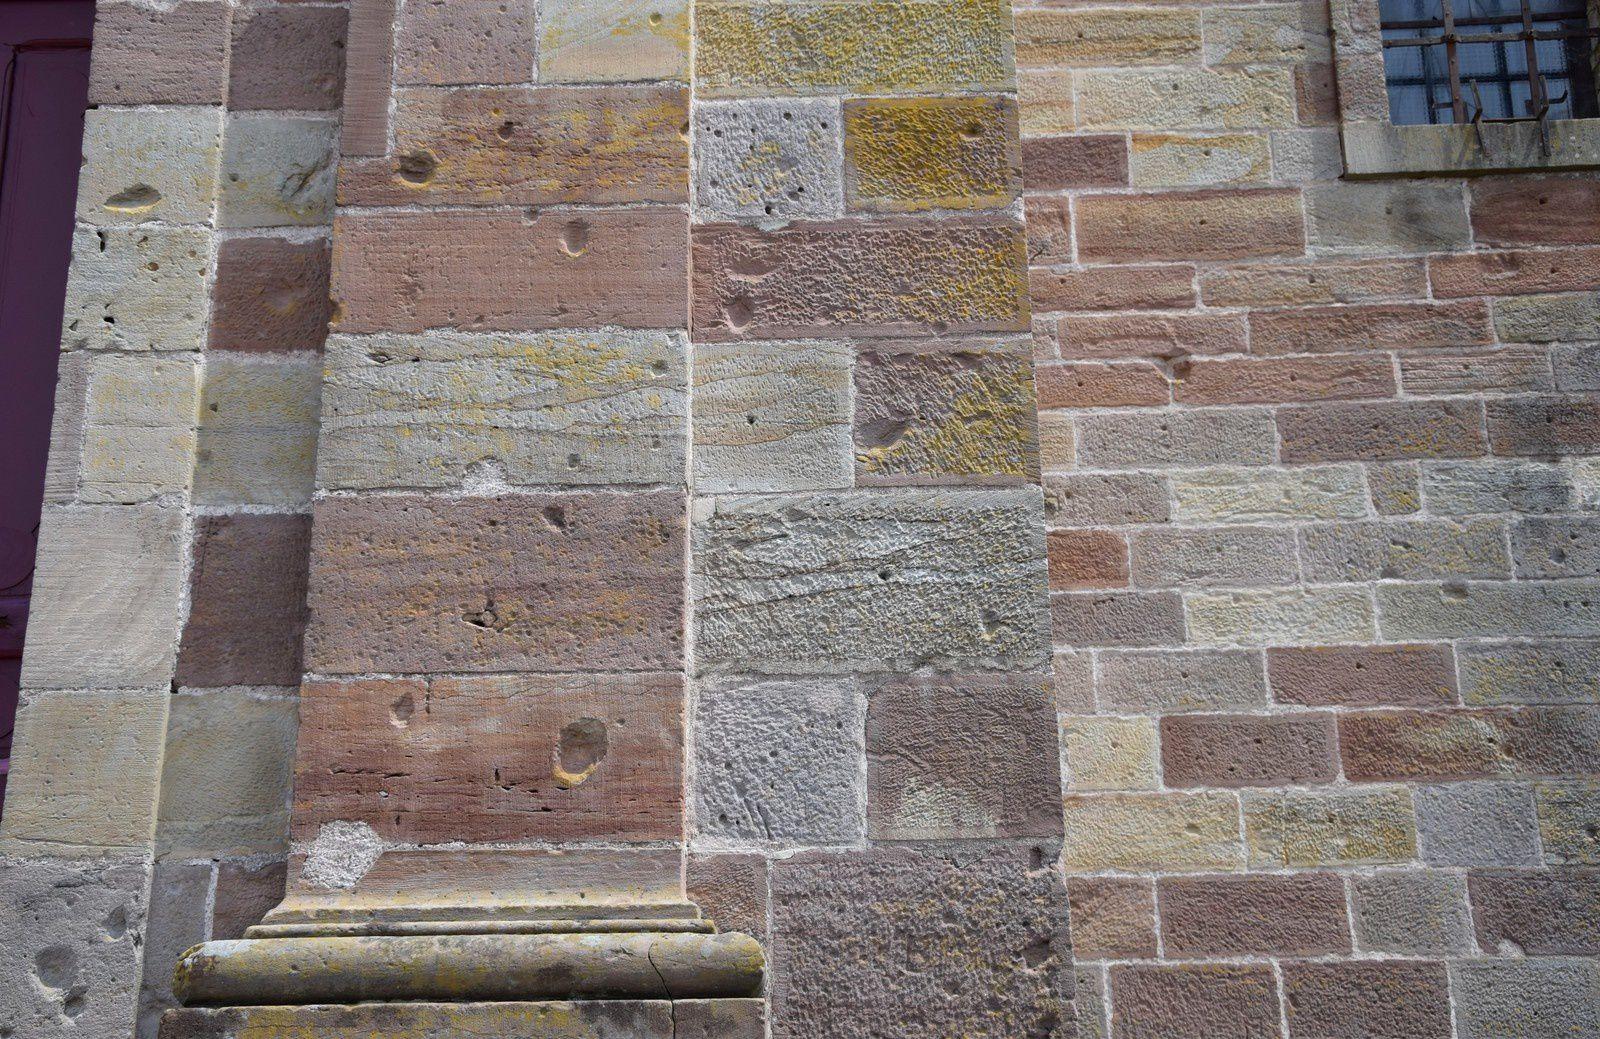 L'église après les bombardements de 1944 - Le gros trou réparé et traces d'éclats d'obus